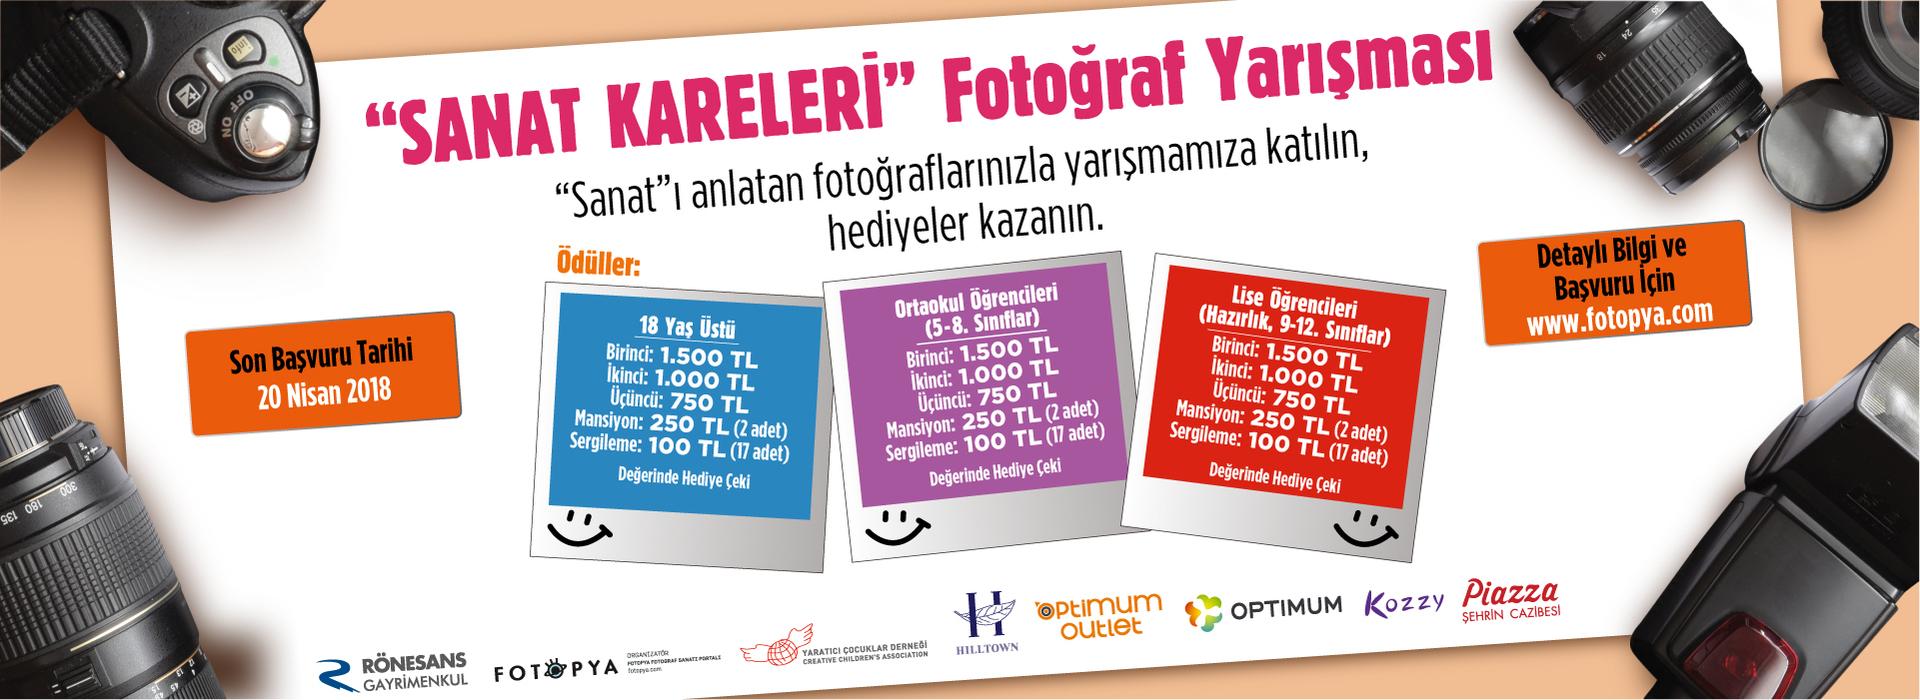 Sanat Kareleri Fotoğraf Yarışması